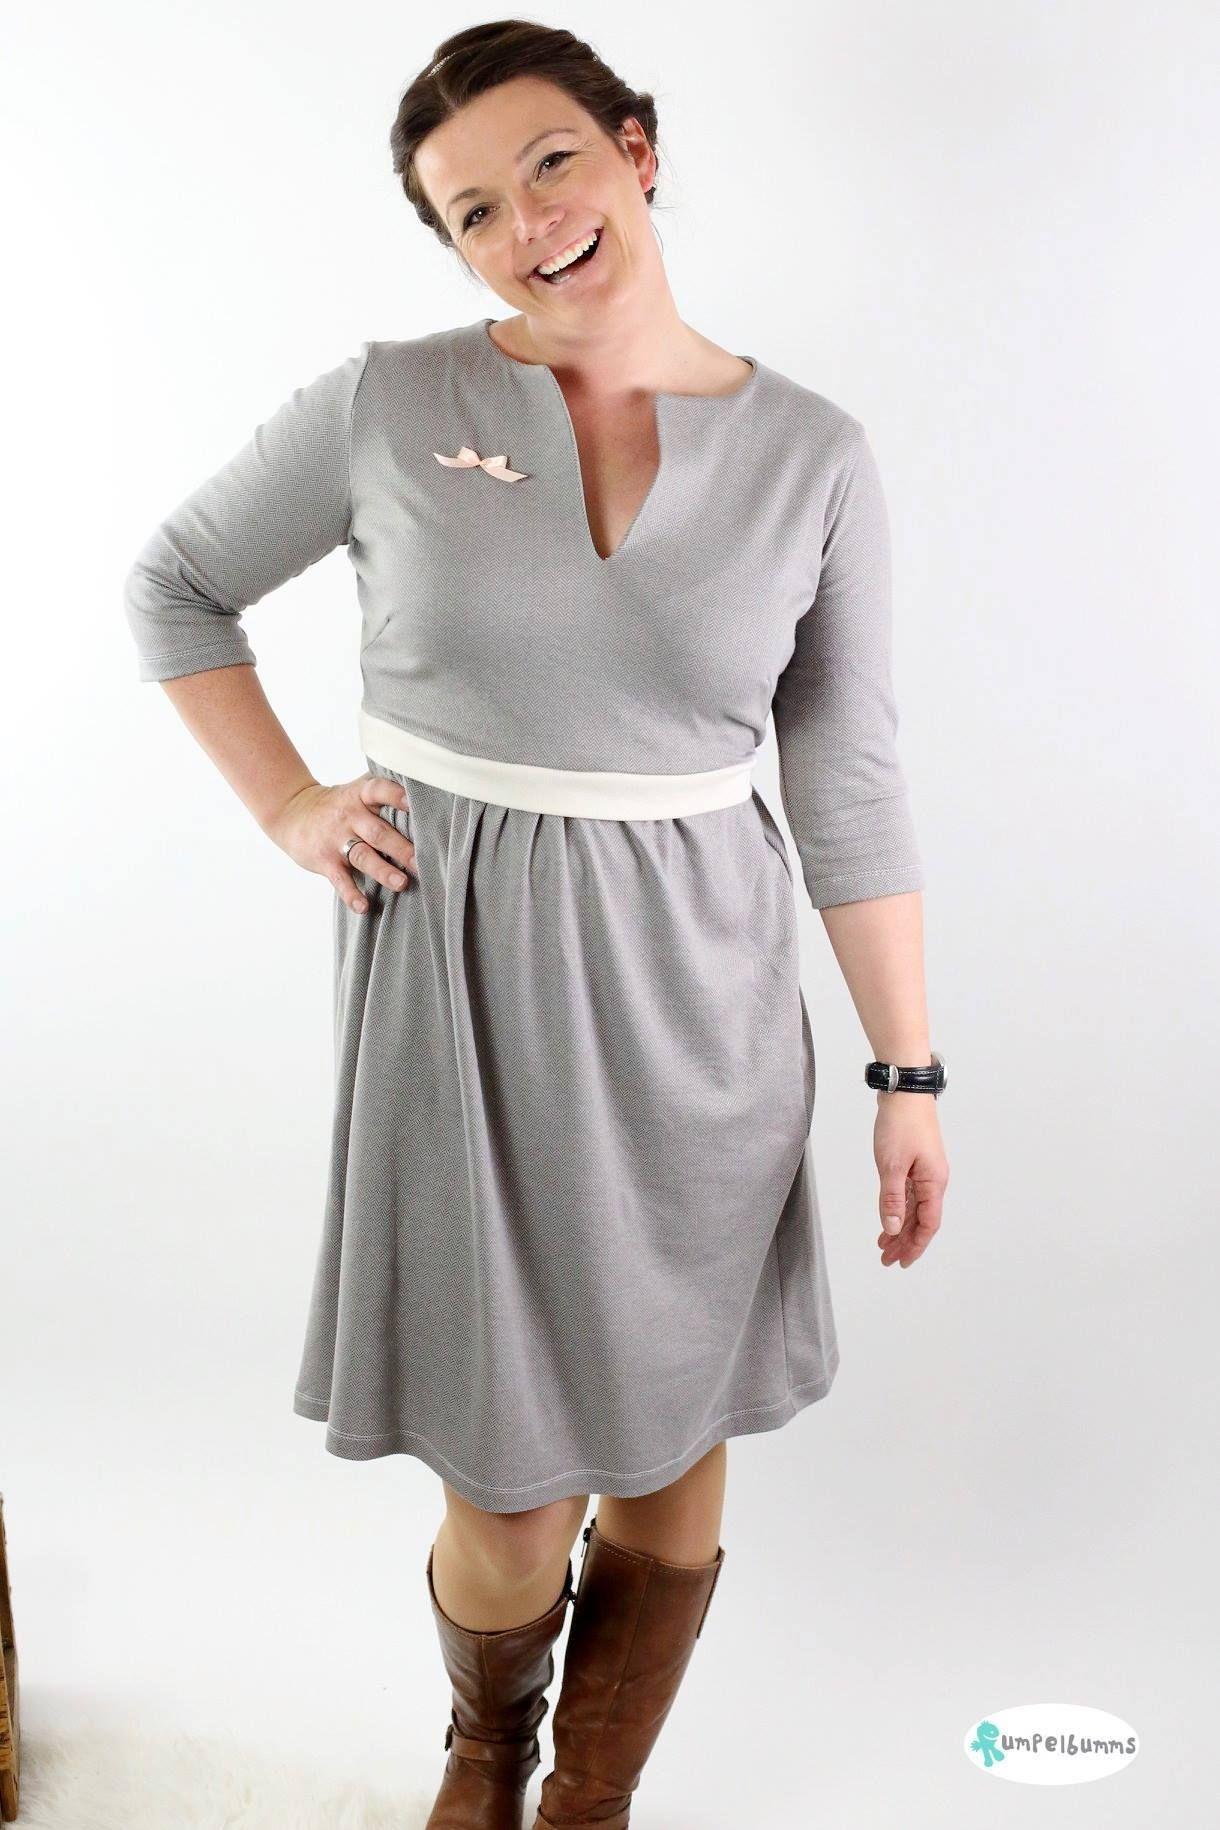 c83de005fb4 Schnittmuster  Kleid Elisabeth von Konfetti Patterns - elegantes Kleid für  Damen einfachh selber nähen!